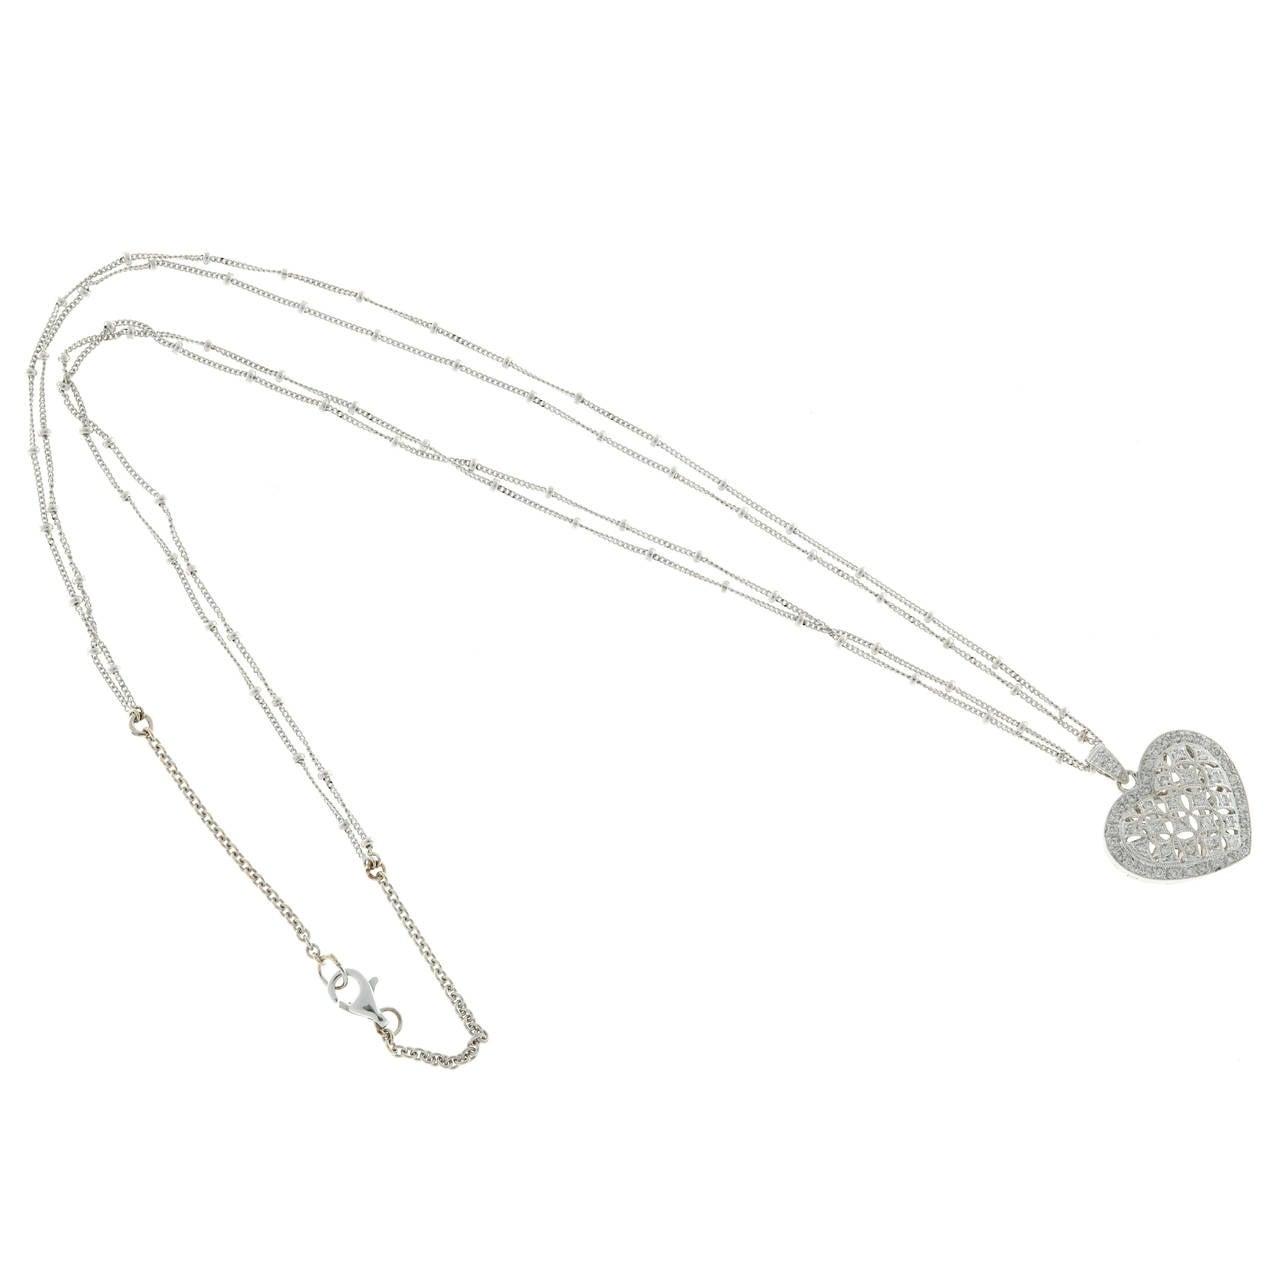 Diamond Gold Open Work Heart Locket Pendant Chain 4